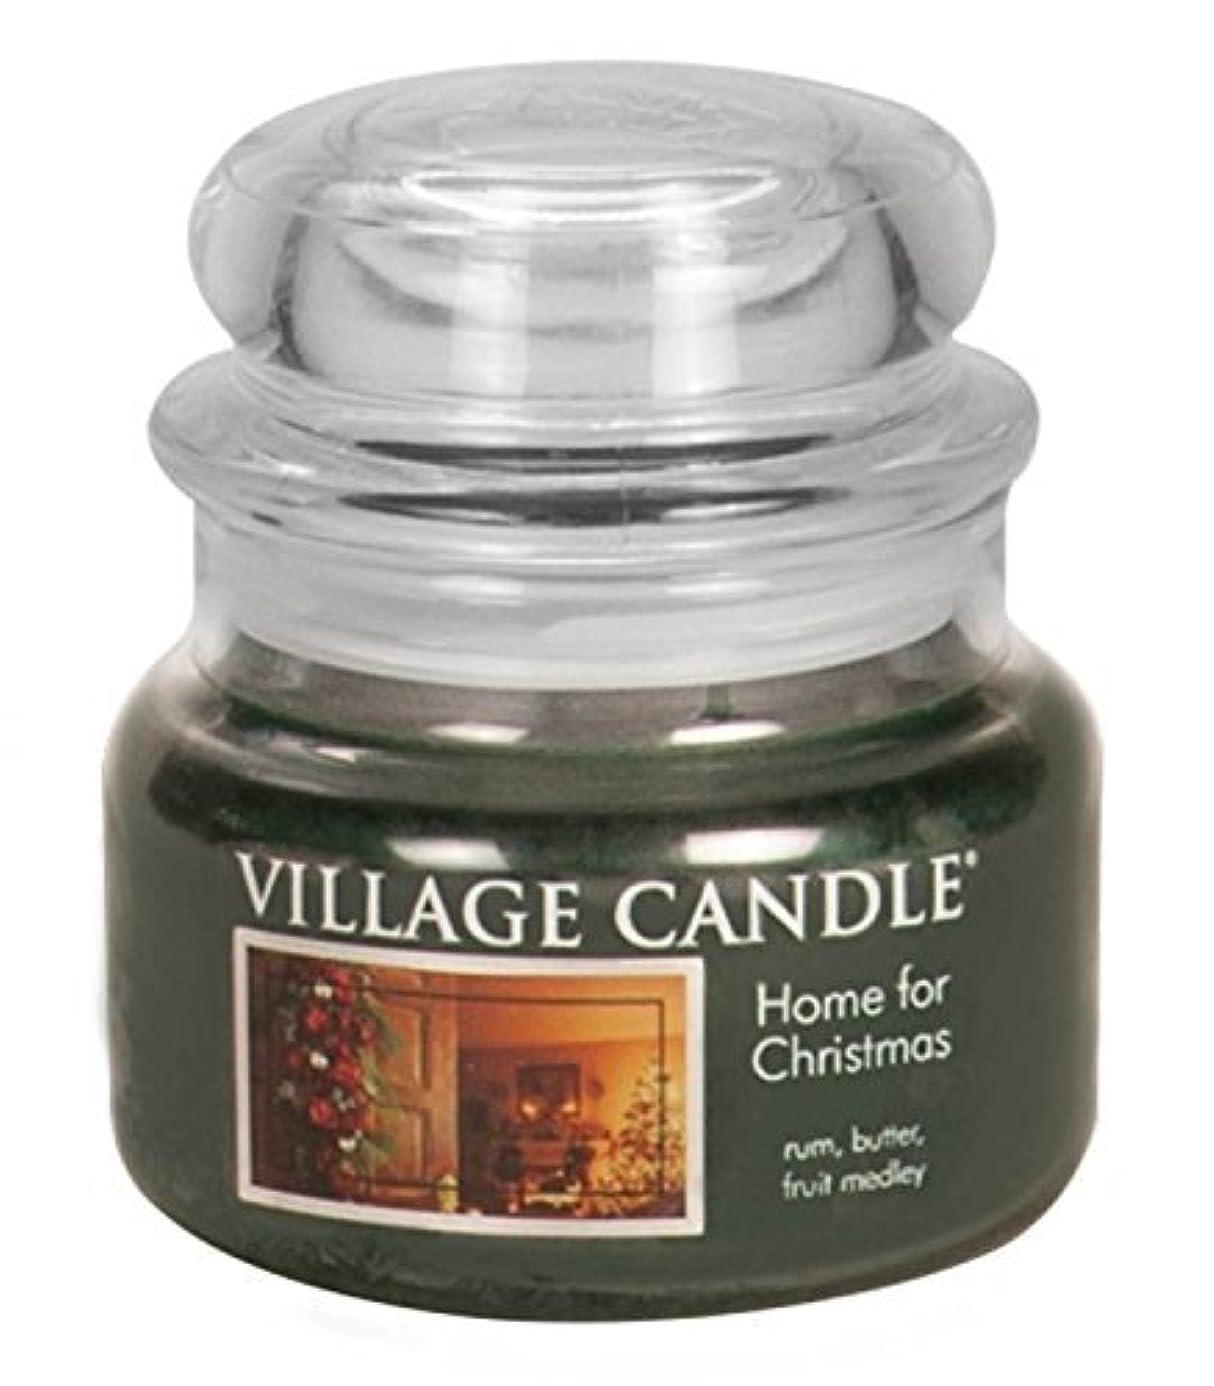 原稿忘れる人差し指Village Candle Home for Christmas 11 oz Glass Jar Scented Candle,Small [並行輸入品]